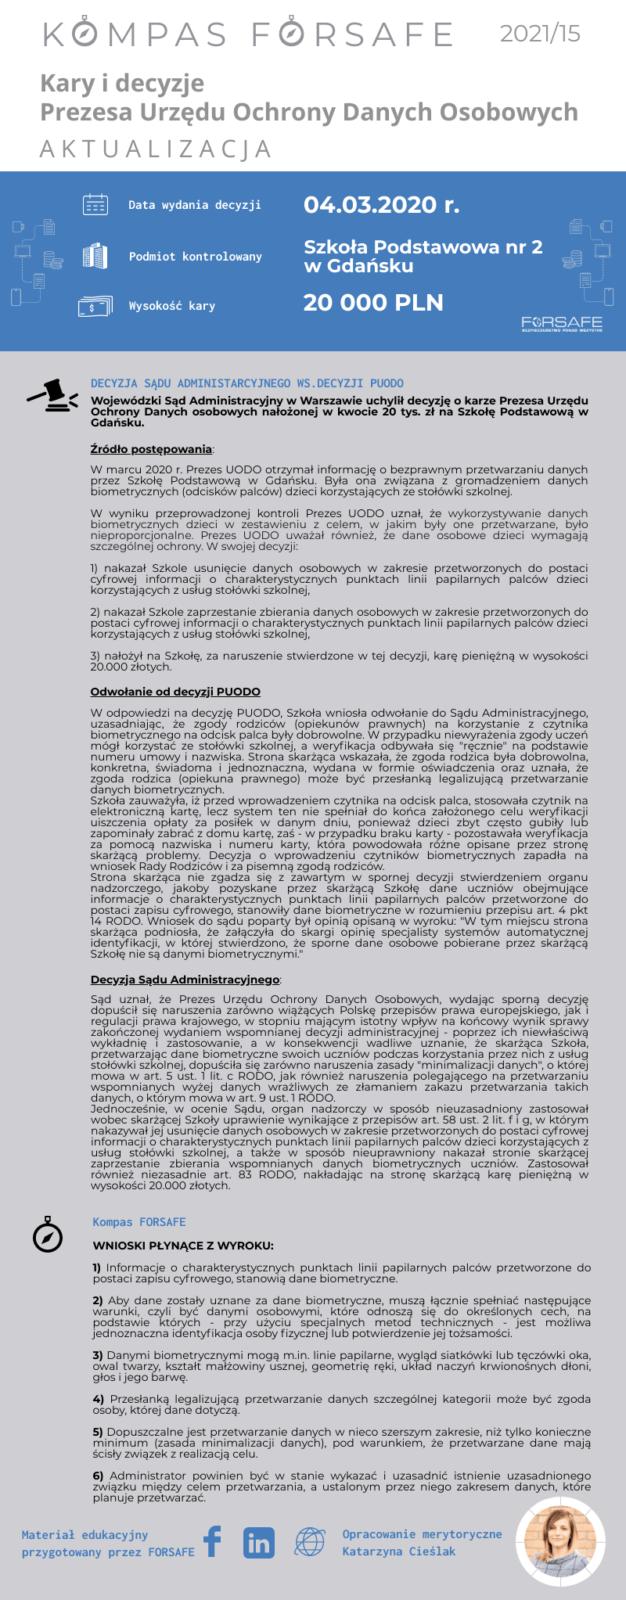 5Kompas FORSAFE PL 2021 15 1 KOMPAS FORSAFE PL 2021/15 - Wyrok Sądu ws. skargi Szkoły na decyzję PUODO